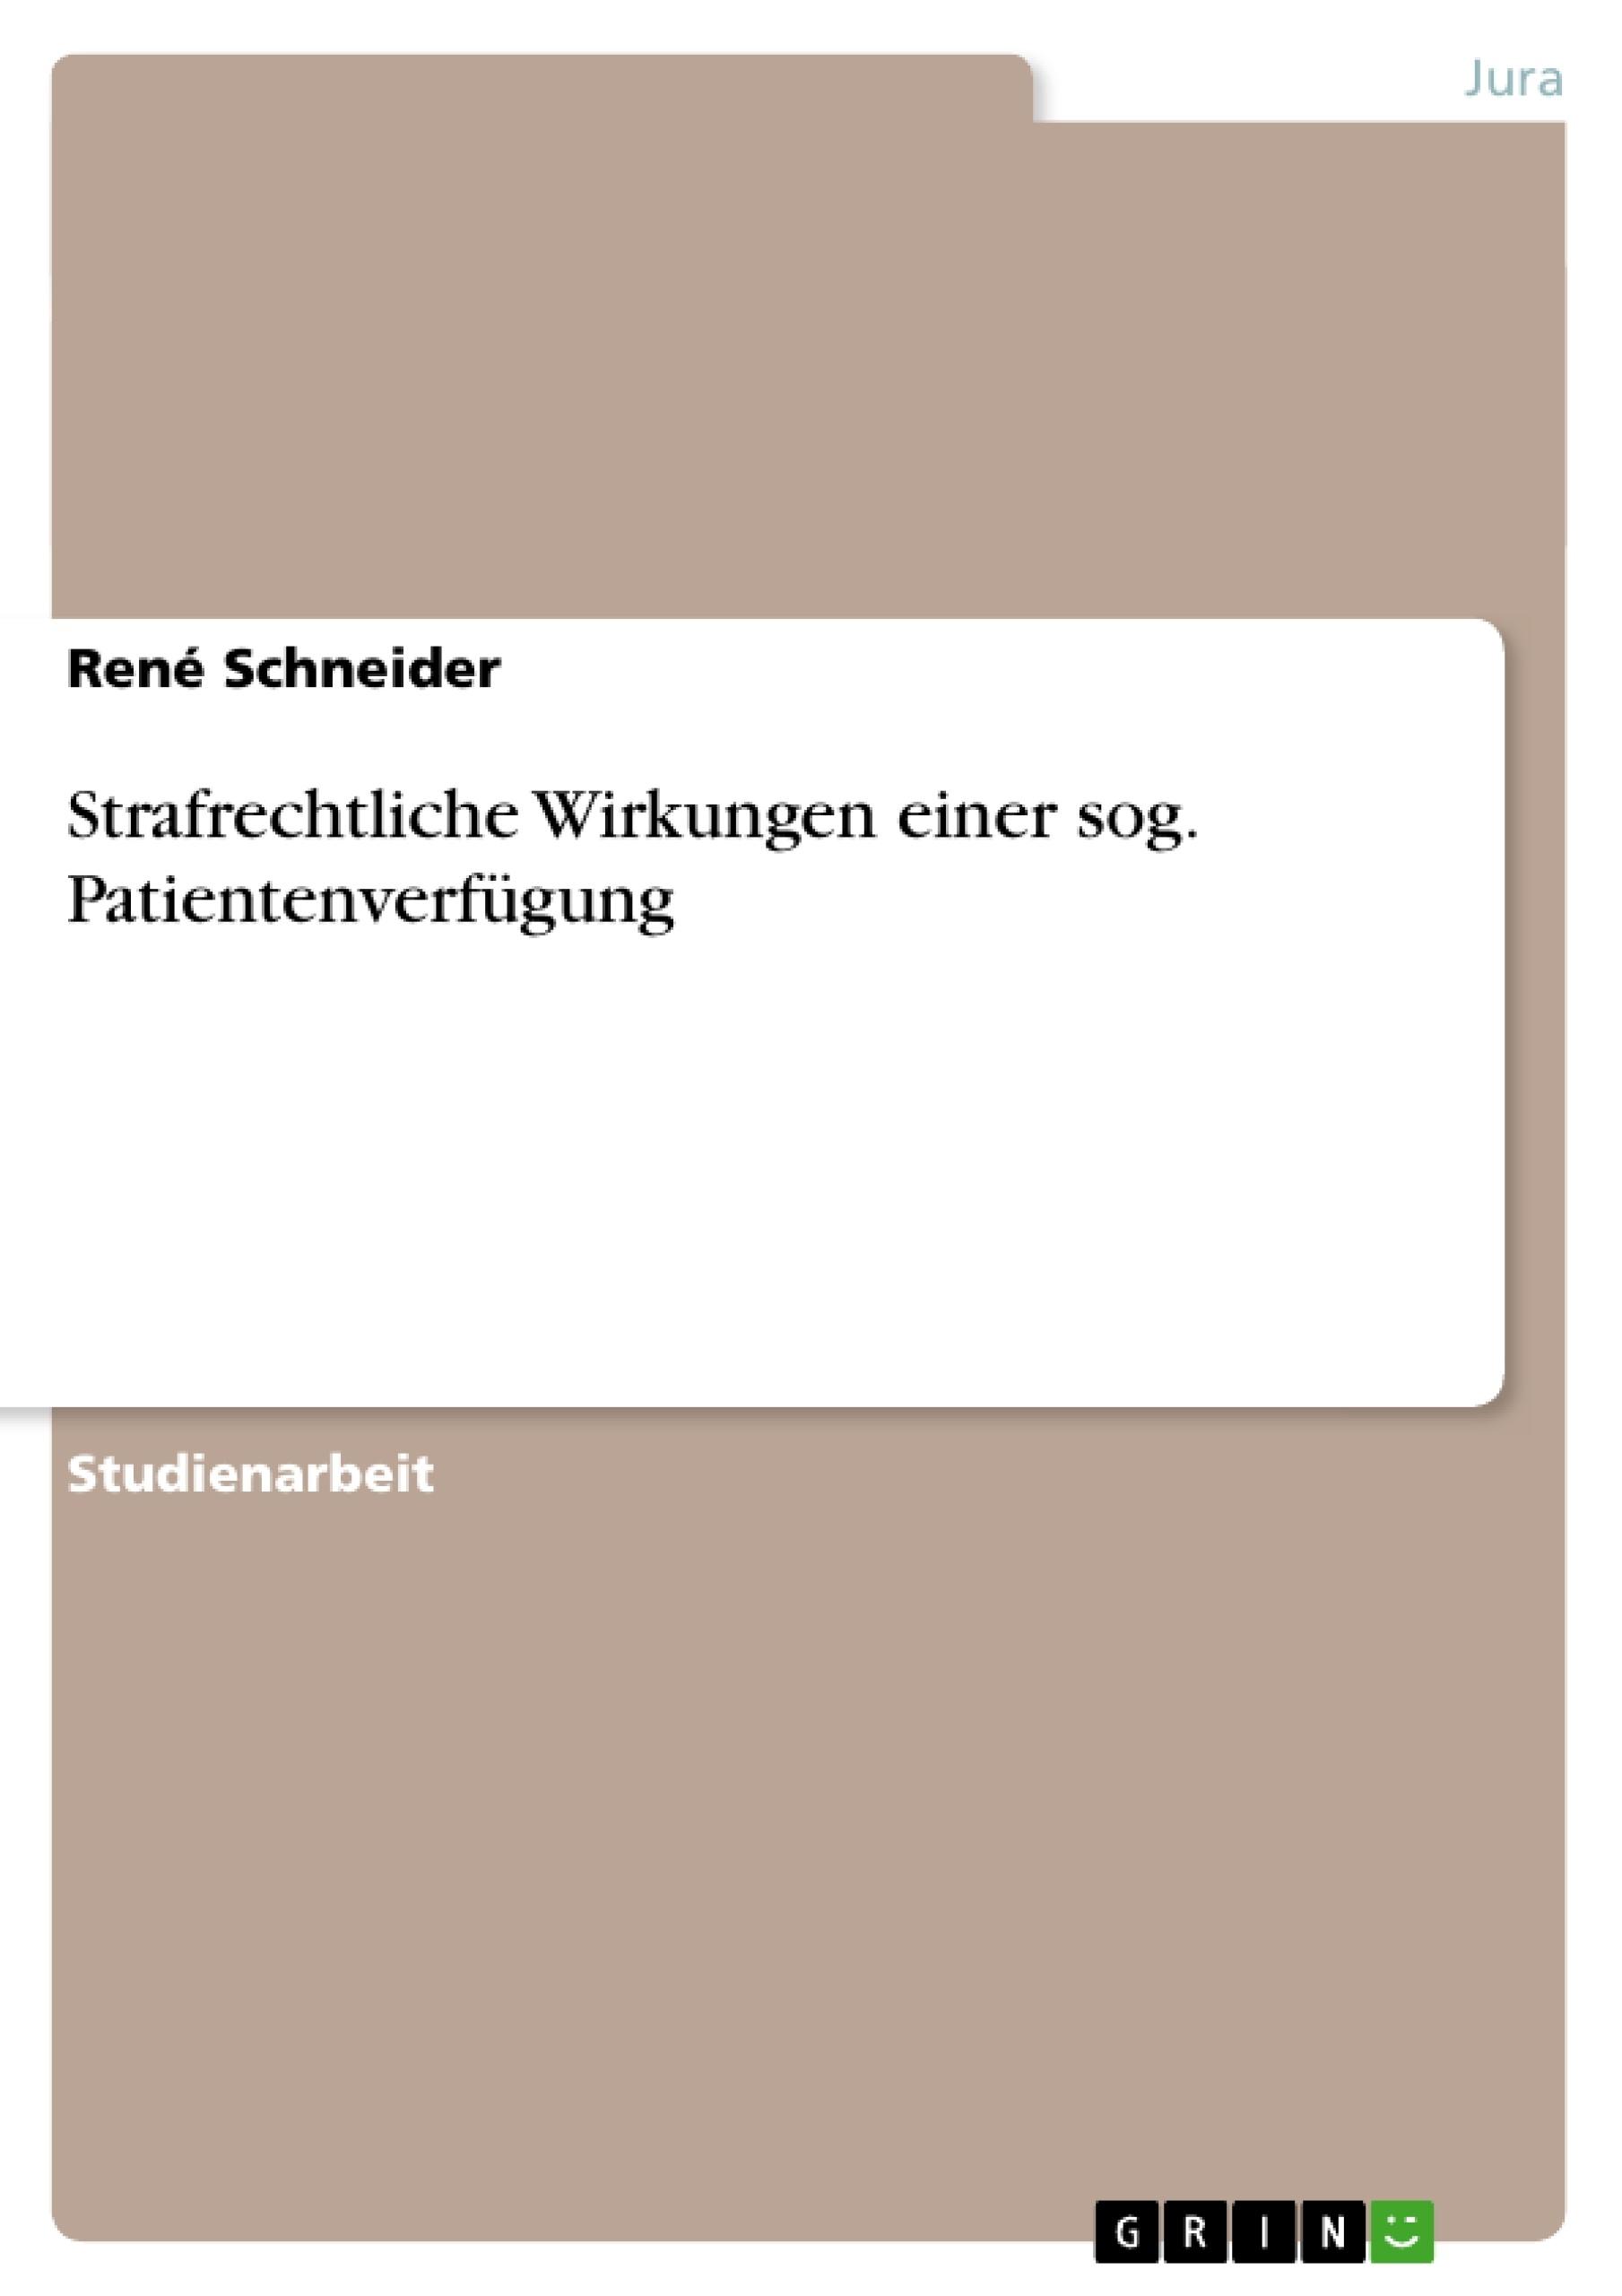 Titel: Strafrechtliche Wirkungen einer sog. Patientenverfügung